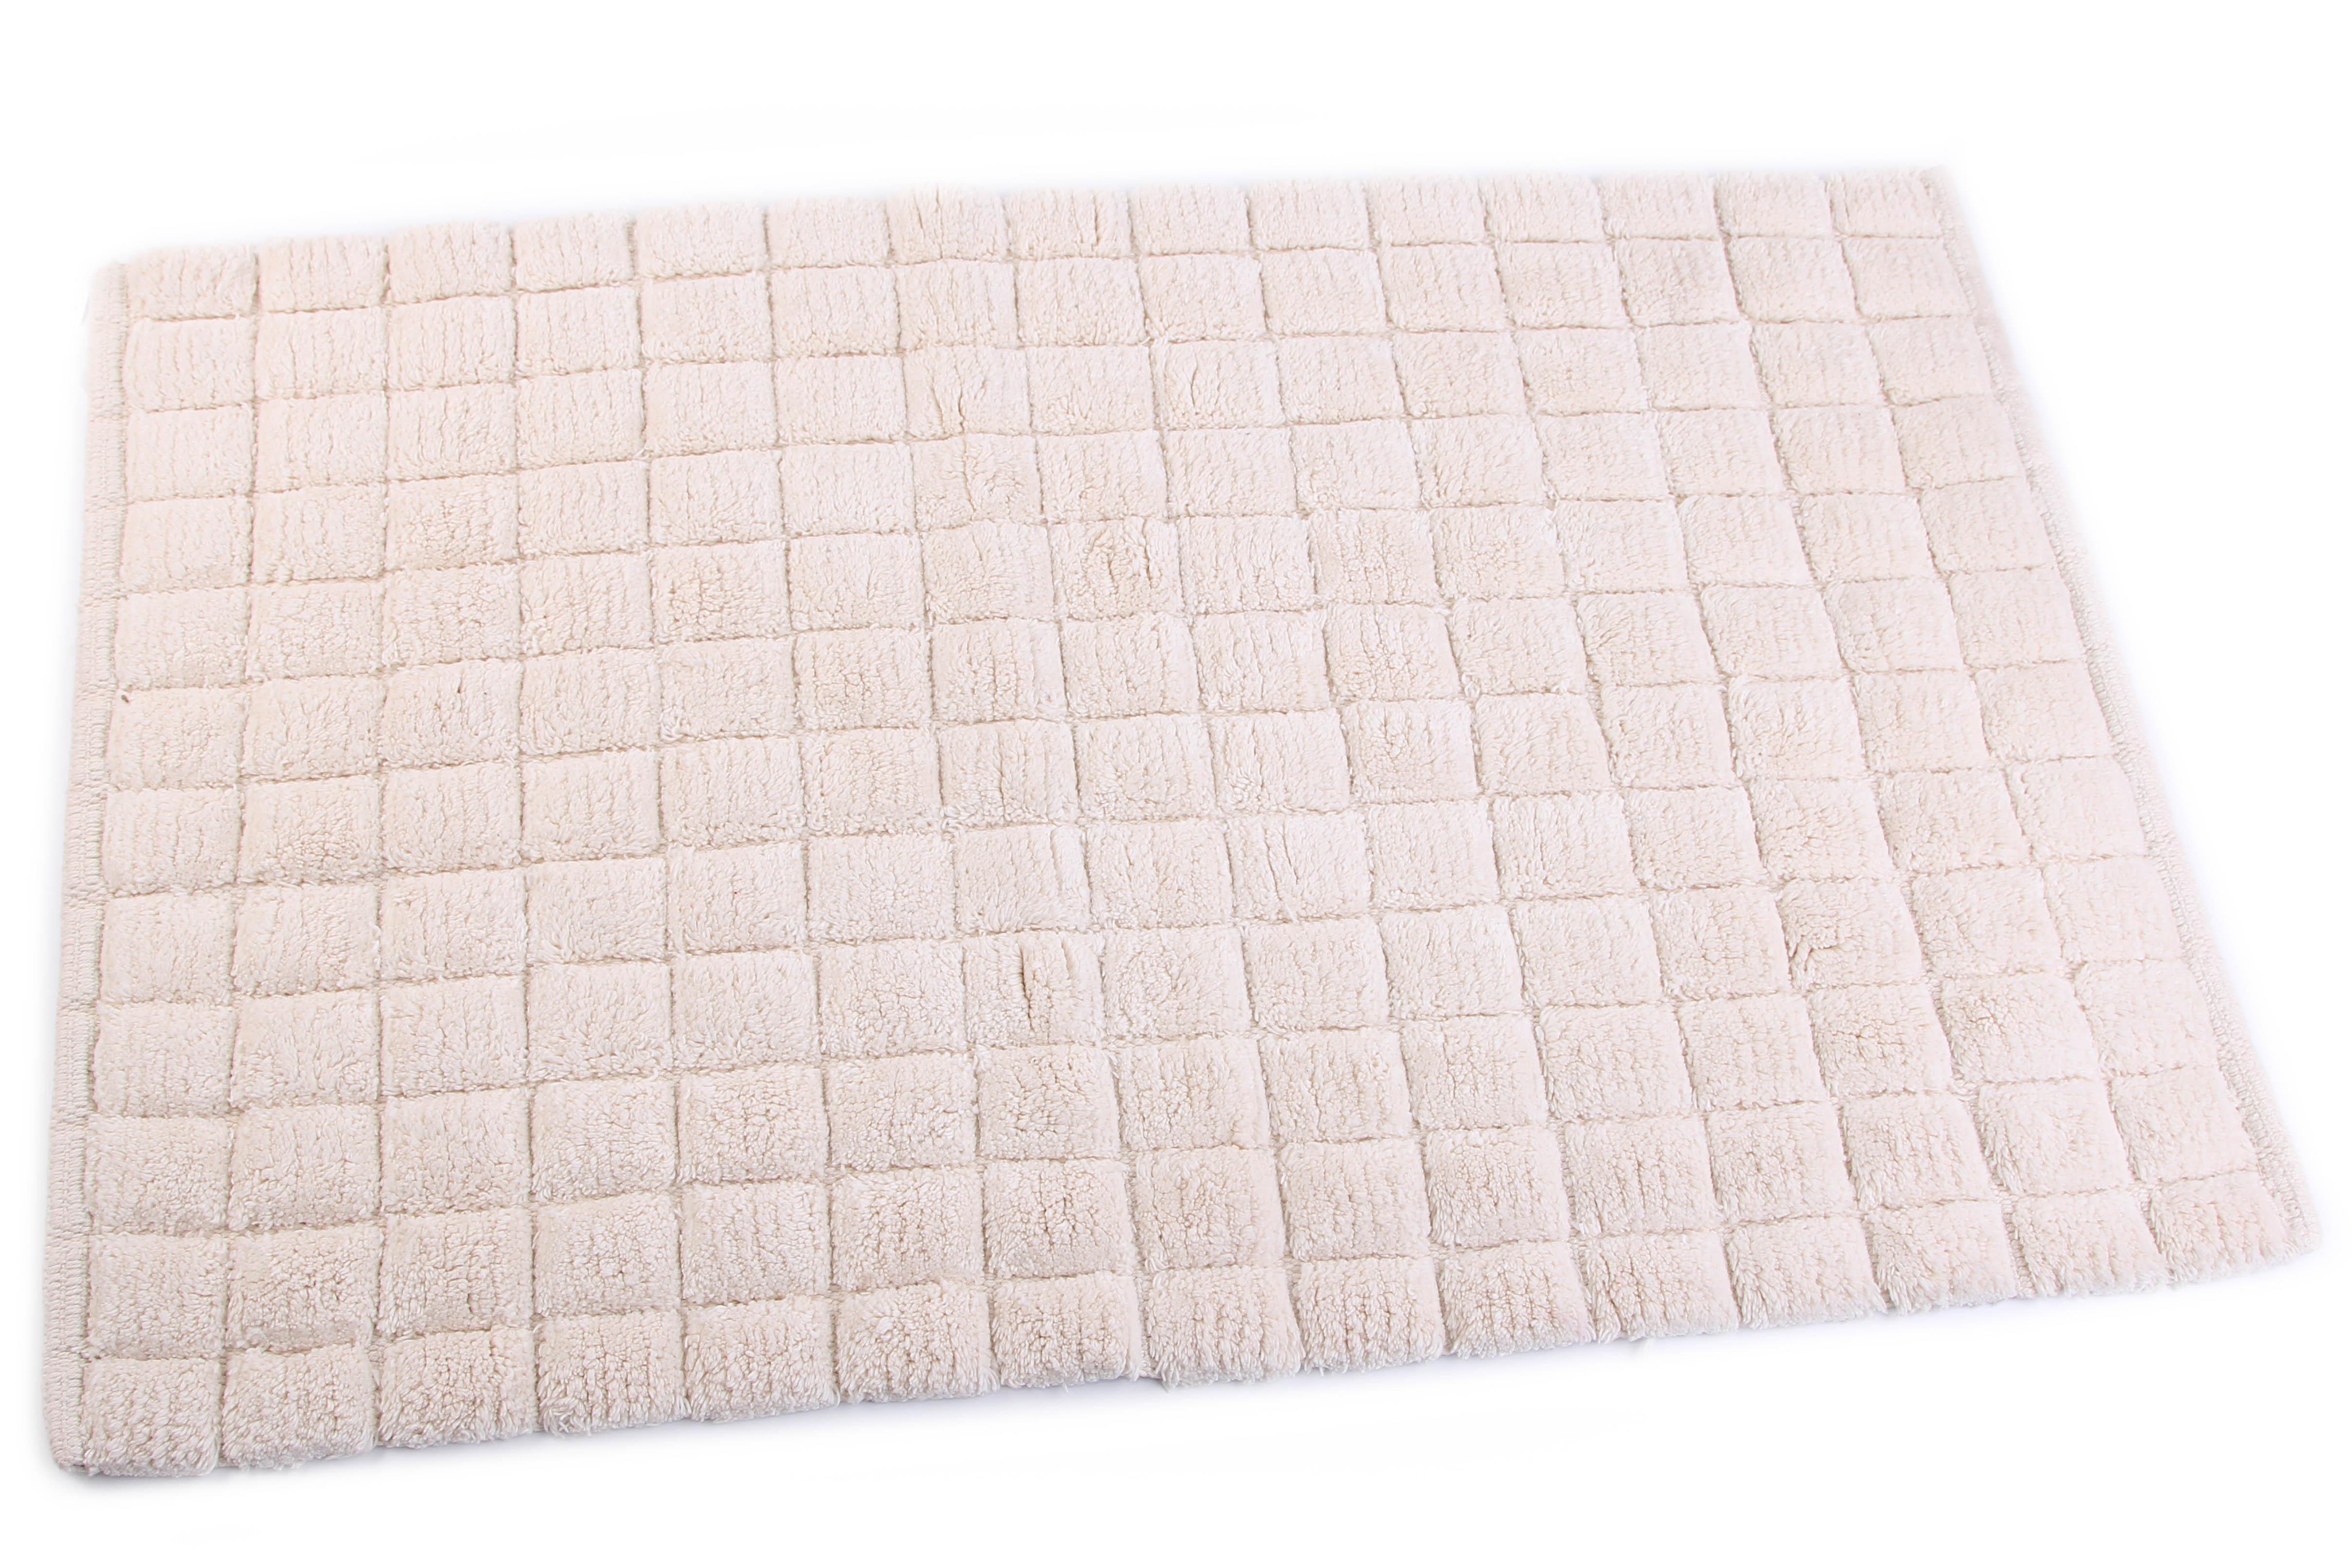 Аксессуары для ванной и туалета Ганг Коврик для ванной Maev Цвет: Бежевый (50х80 см) коврик для ванной арти м 50х80 см розанна